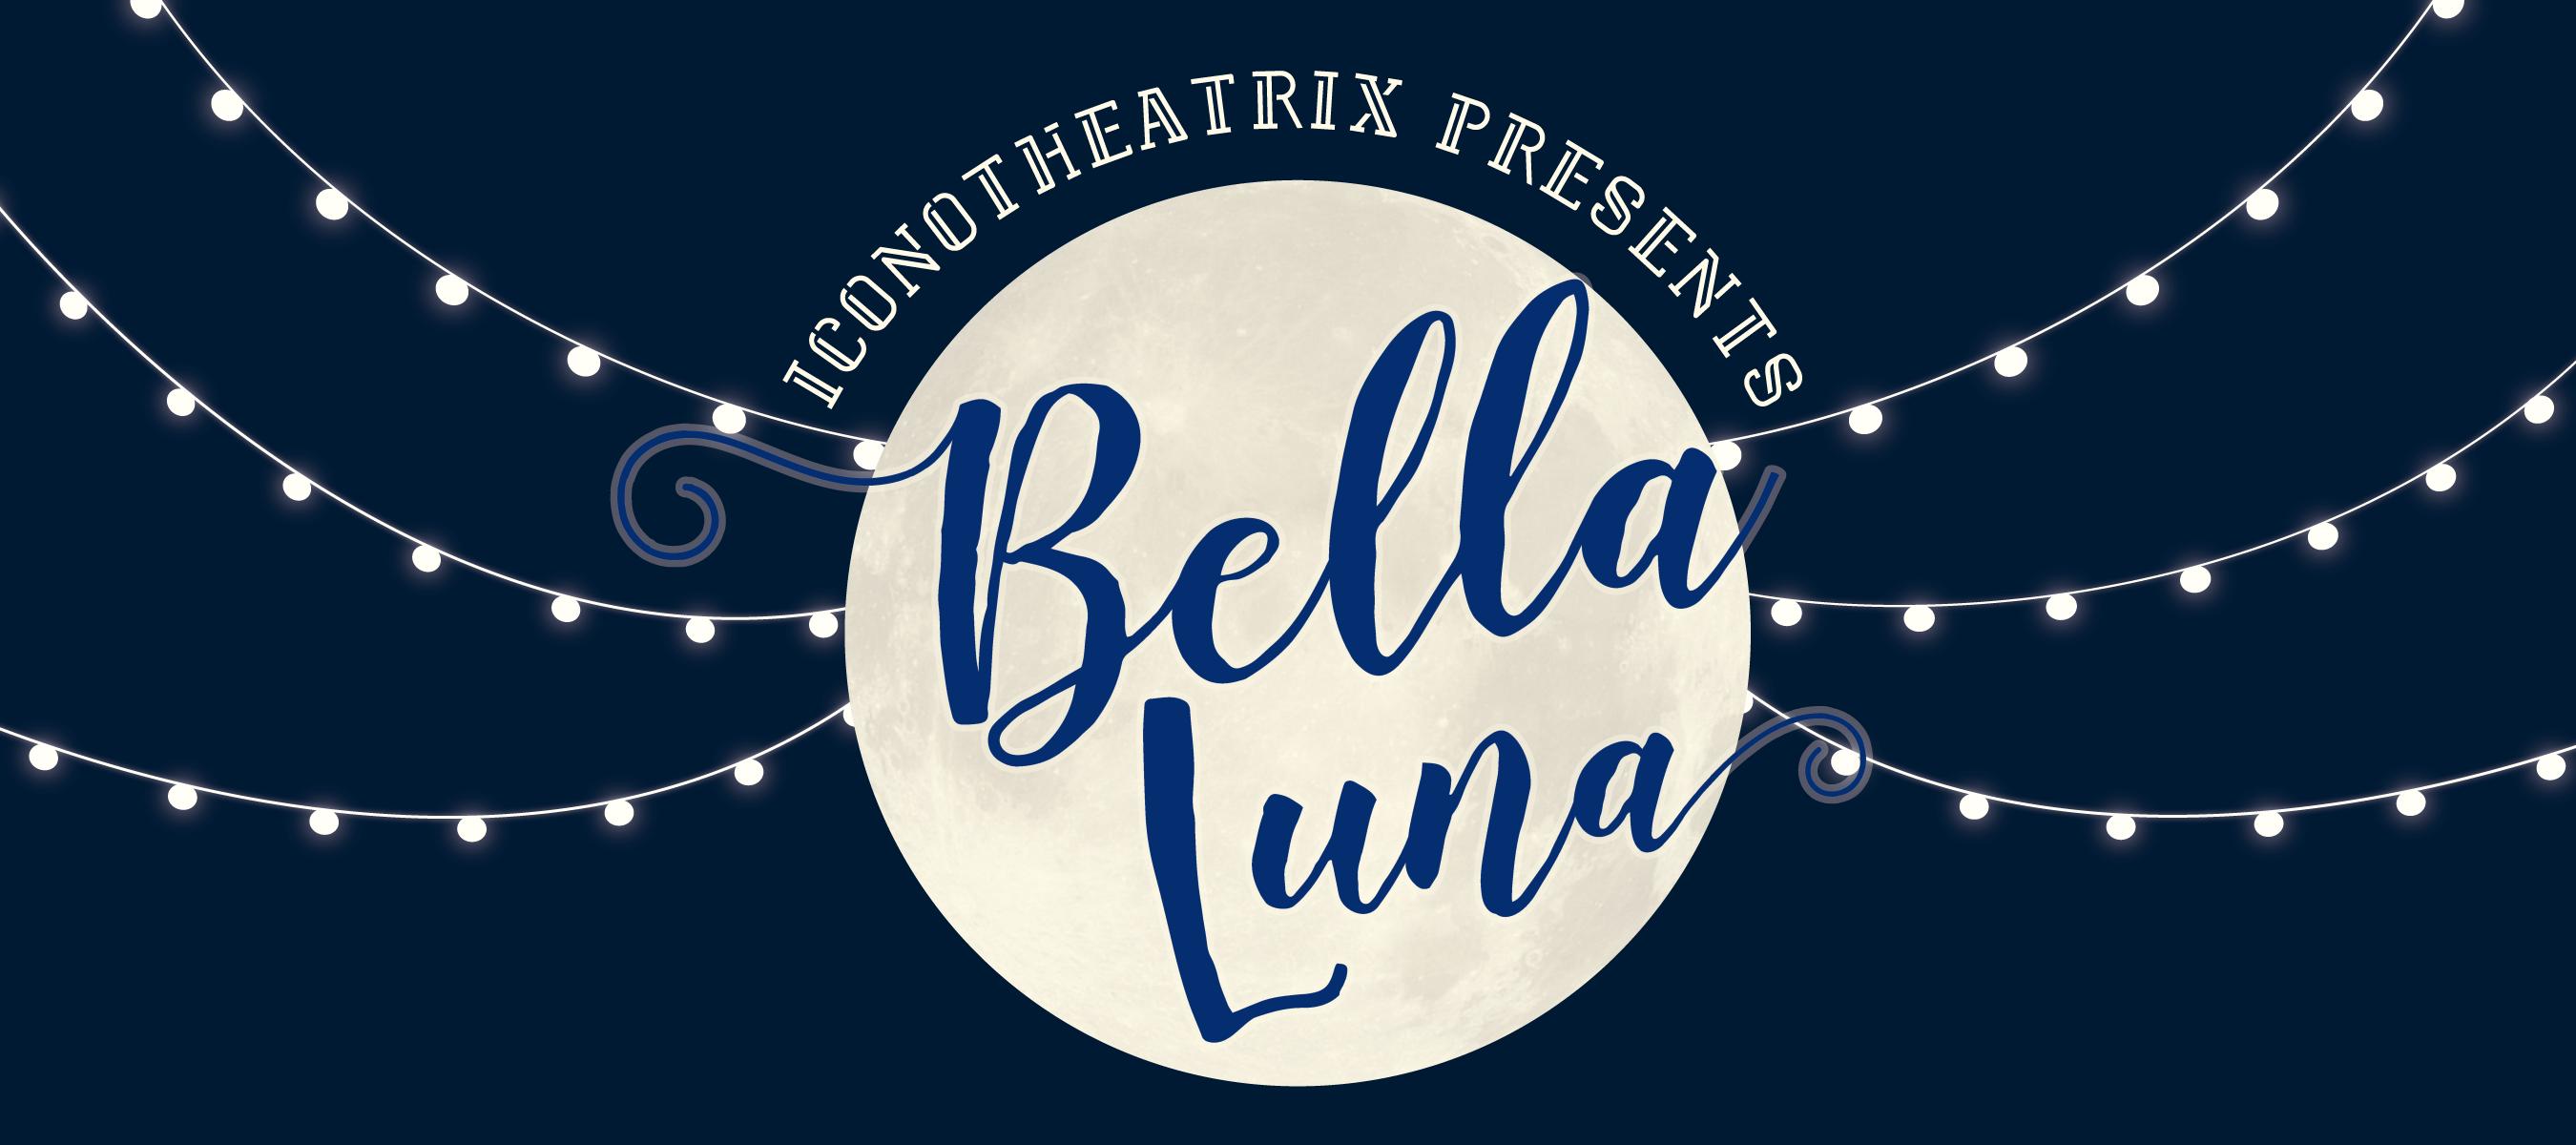 2017- Bella Luna